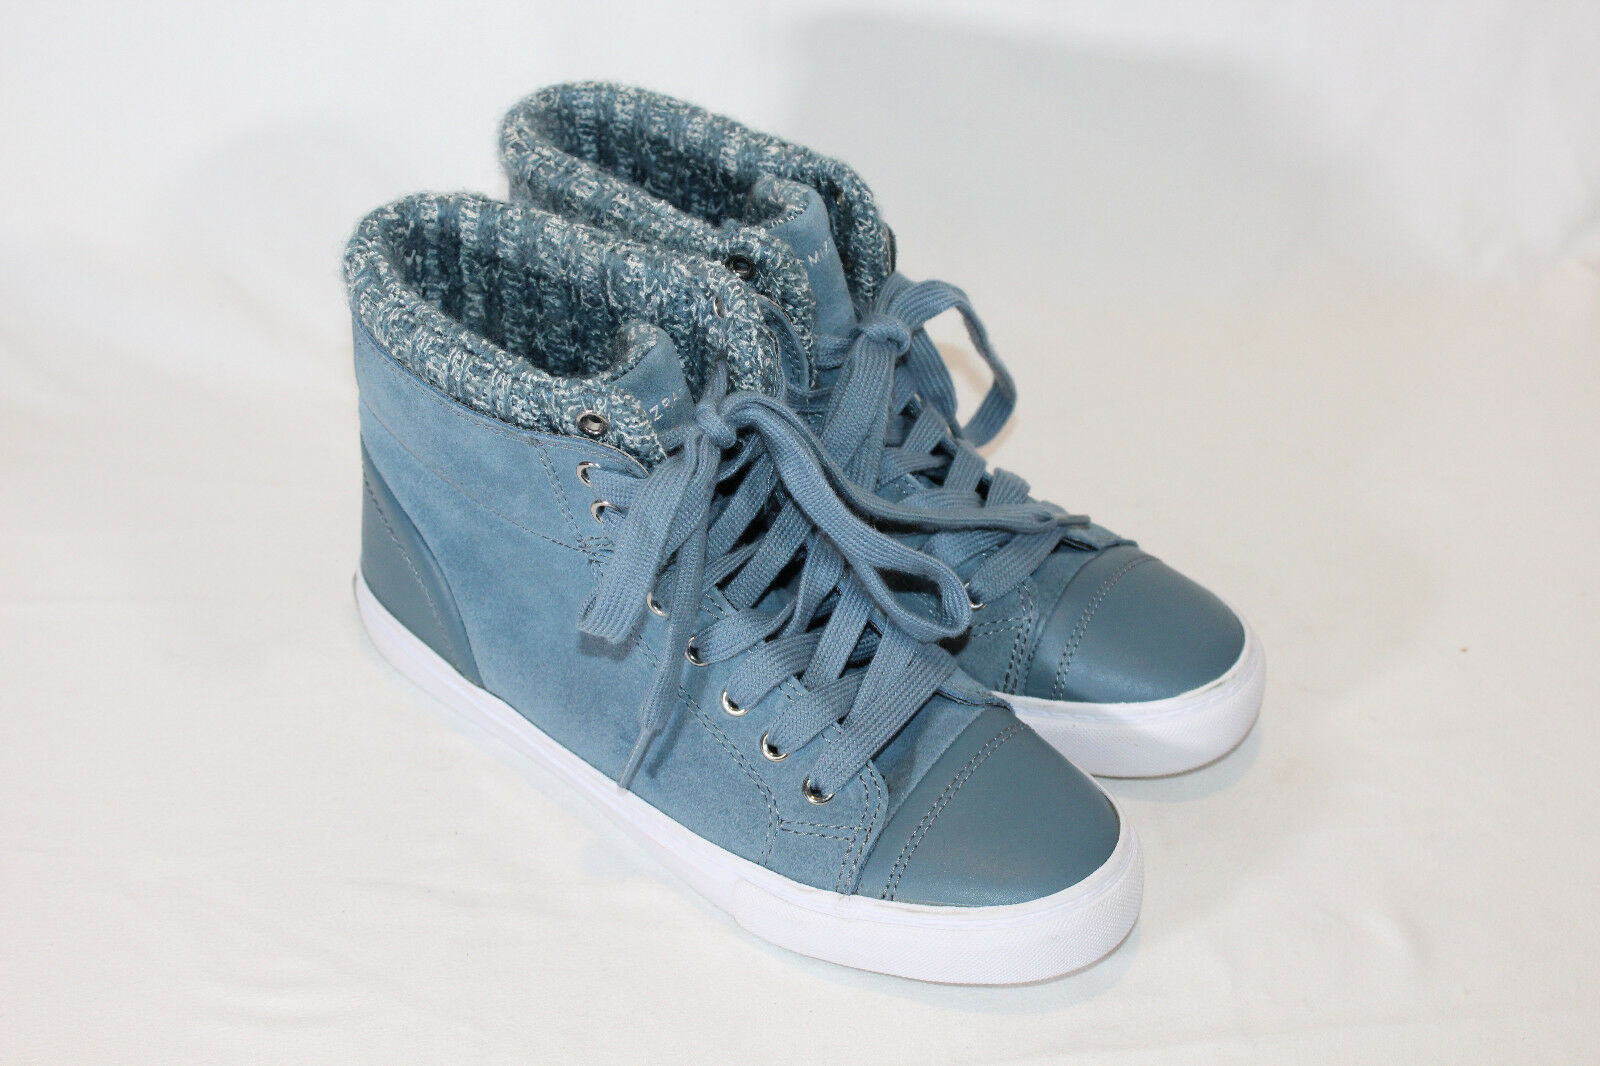 Isaac Mizrahi Live  SOHO Sneakers 6.5 MEDIUM blueE